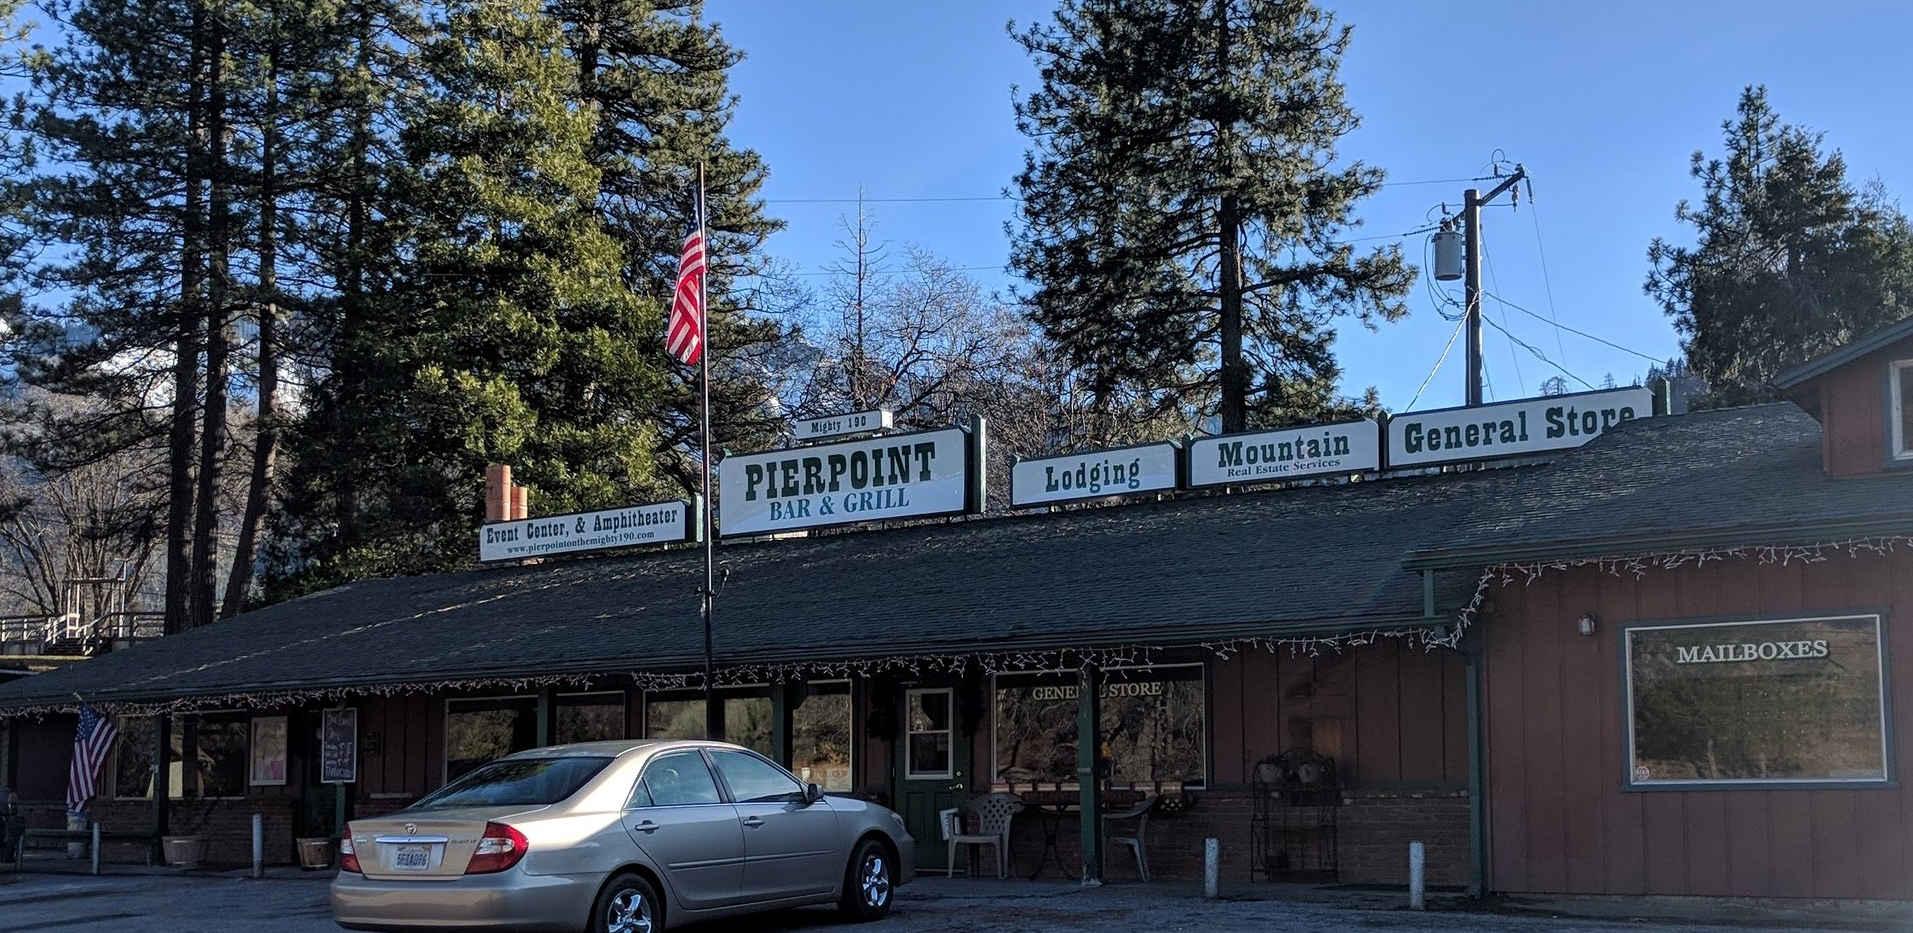 Pierpoint Bar & Grill